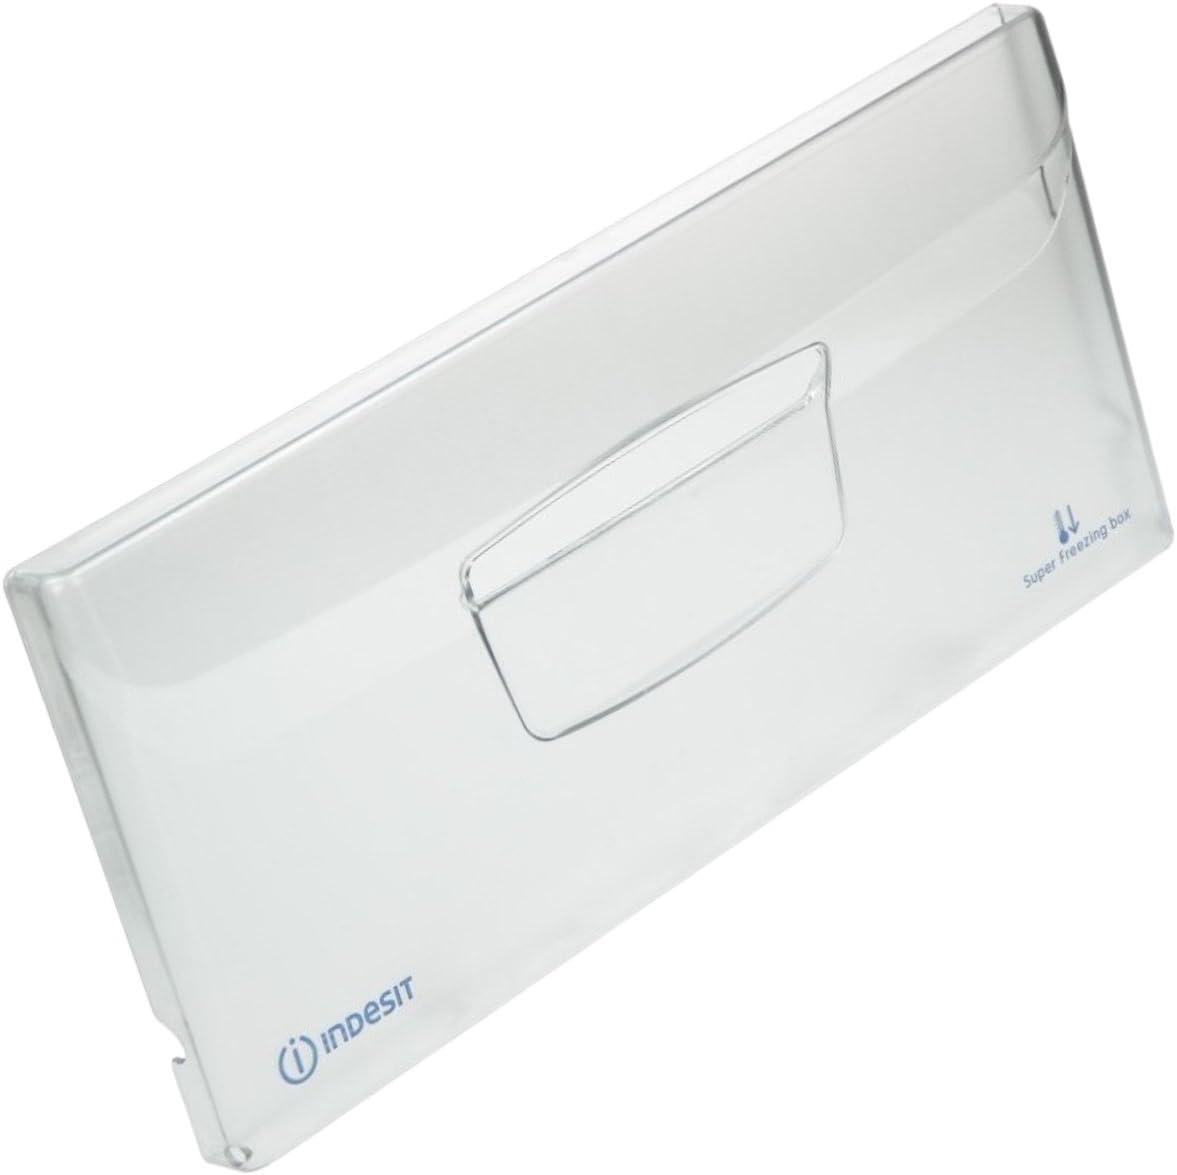 Facade de cajón congelador – Frigorífico, congelador – Indesit ...